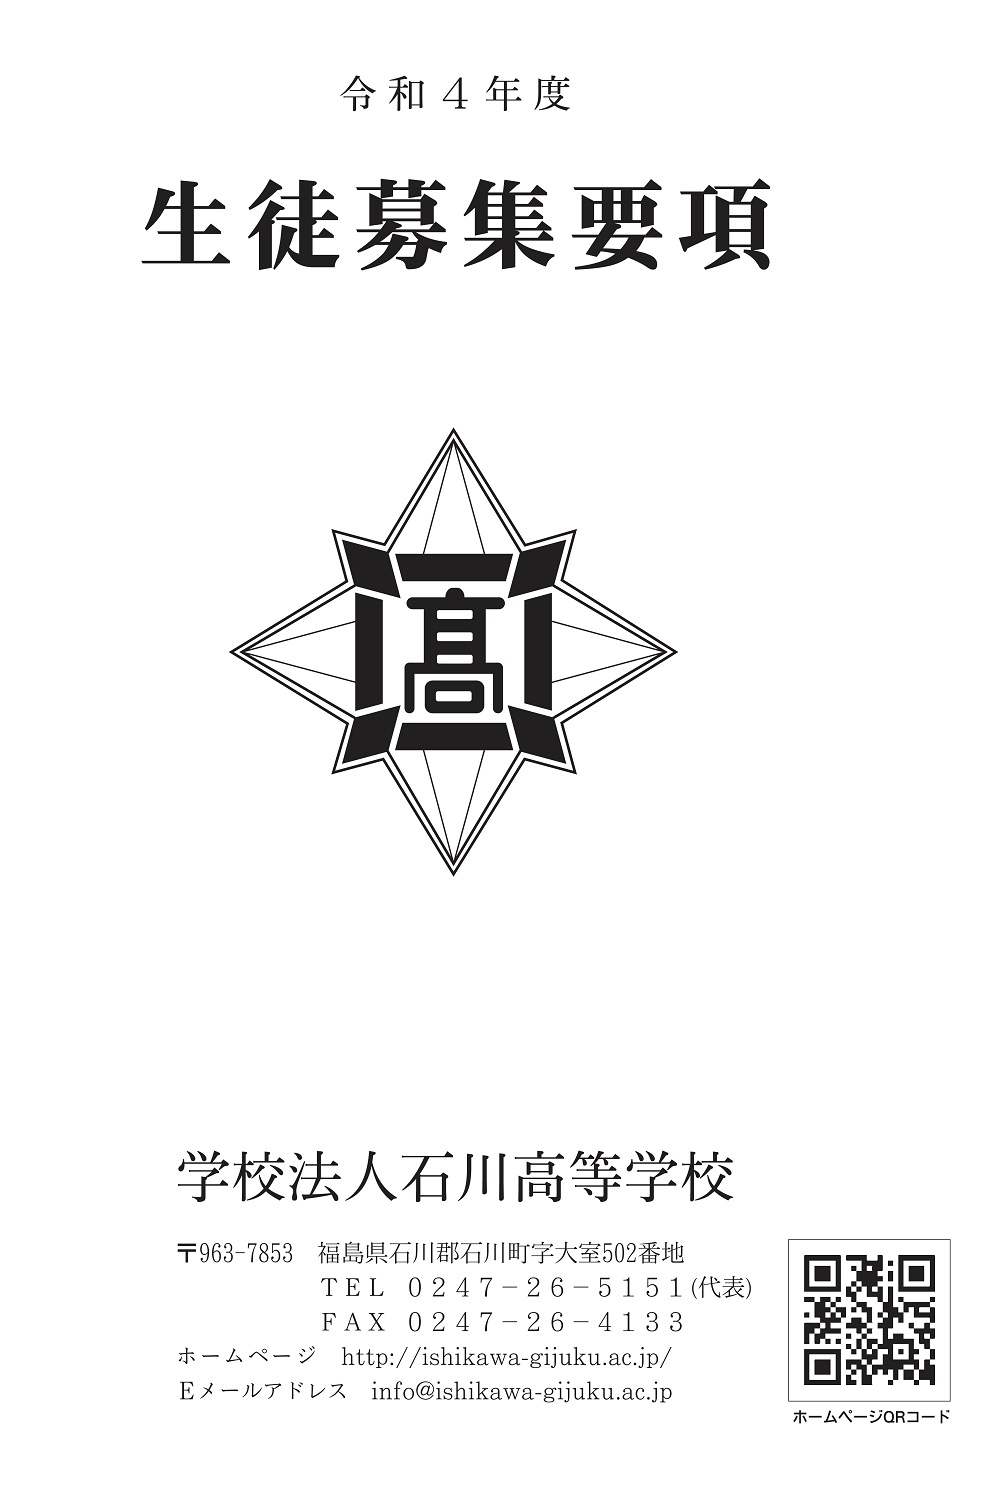 【学法石川】生徒募集要項